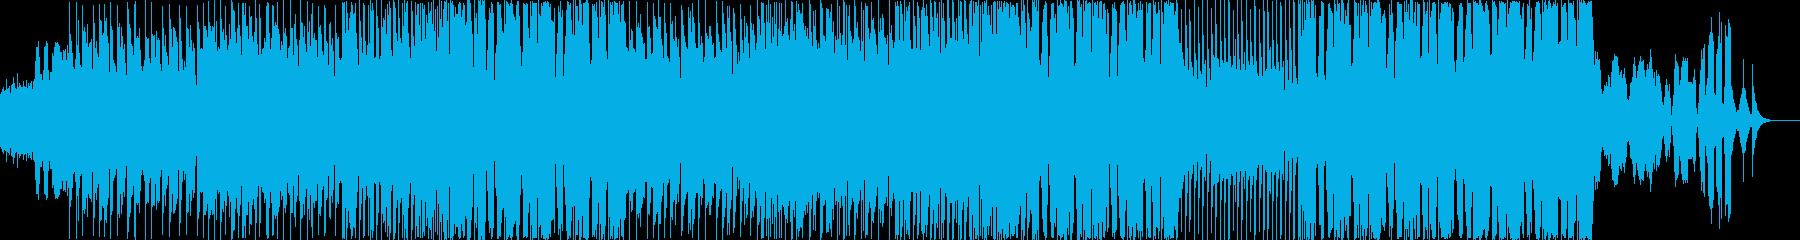 シューティングゲーム風音楽の再生済みの波形